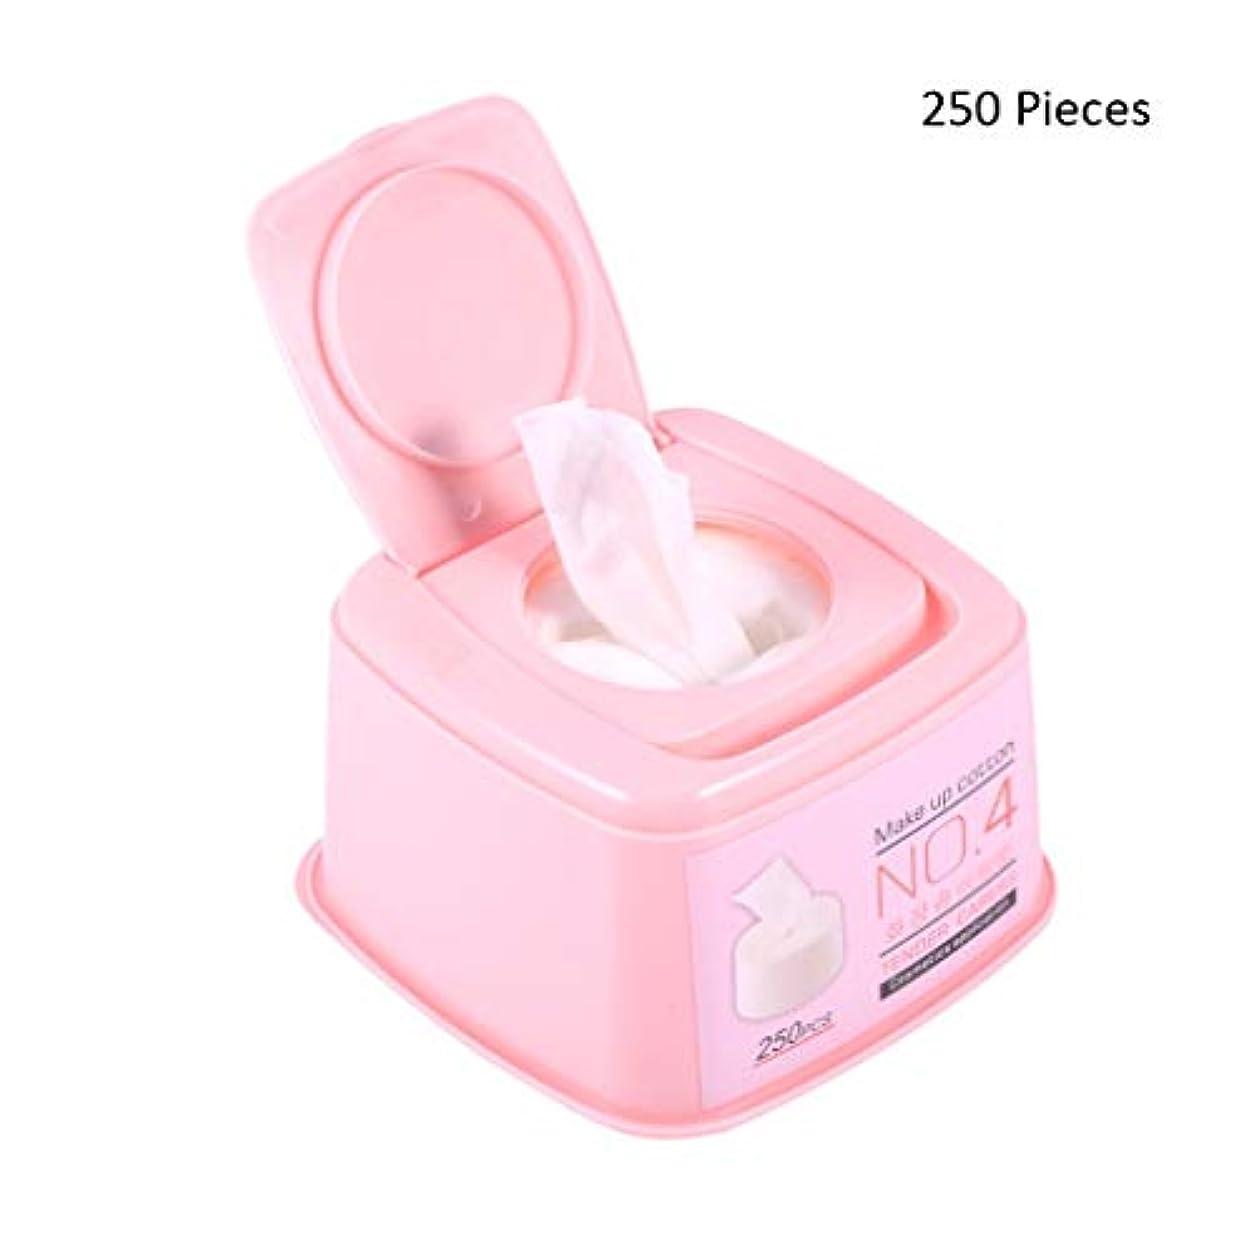 太平洋諸島足ミシン250ピース/ボックスフェイスメイクリムーバーパッドメイクアップコットンワイプディープフェイシャルアイクレンジングスキンケアフェイスウォッシュ化粧品ツール (Color : Pink, サイズ : 11.5*11.5*7cm)